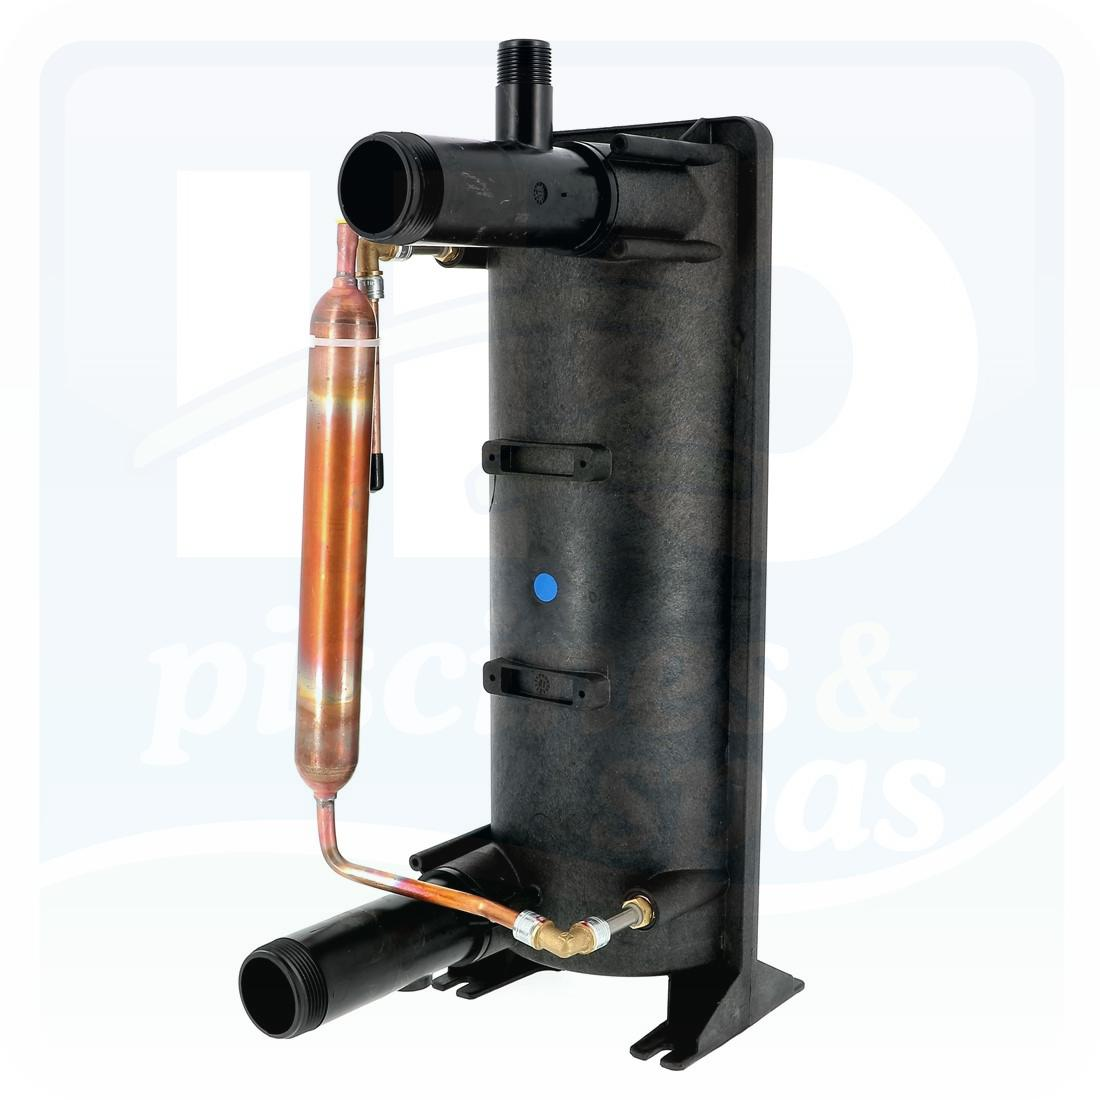 condenseur des pompes chaleur zodiac edenpac 4 et 5 en titane h2o piscines spas. Black Bedroom Furniture Sets. Home Design Ideas